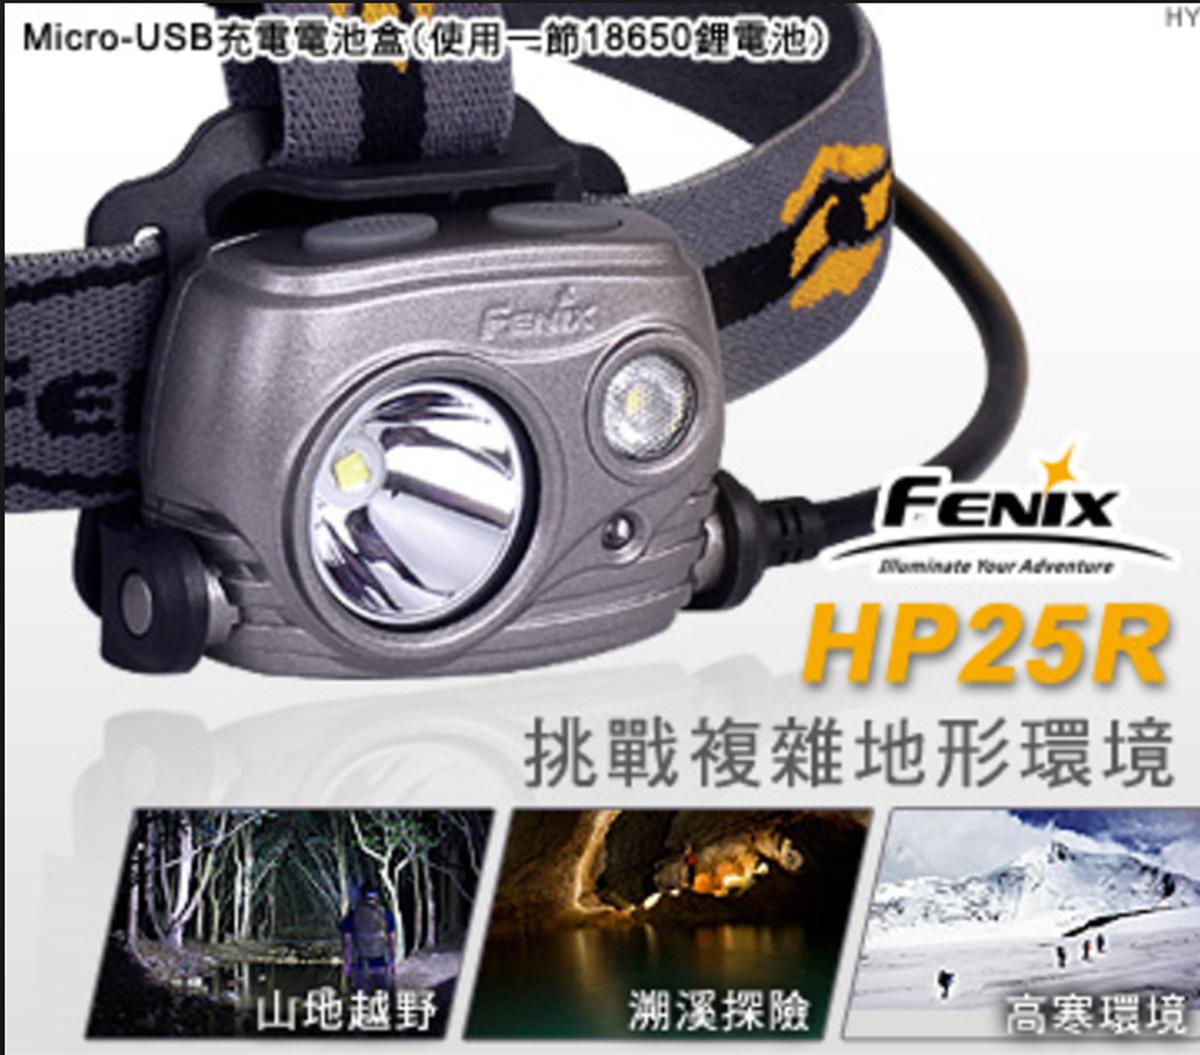 FENIX山地頭燈HP25R登山.露營.夜遊.釣魚.海釣.手電筒.夜跑.夜燈.輕便.防水